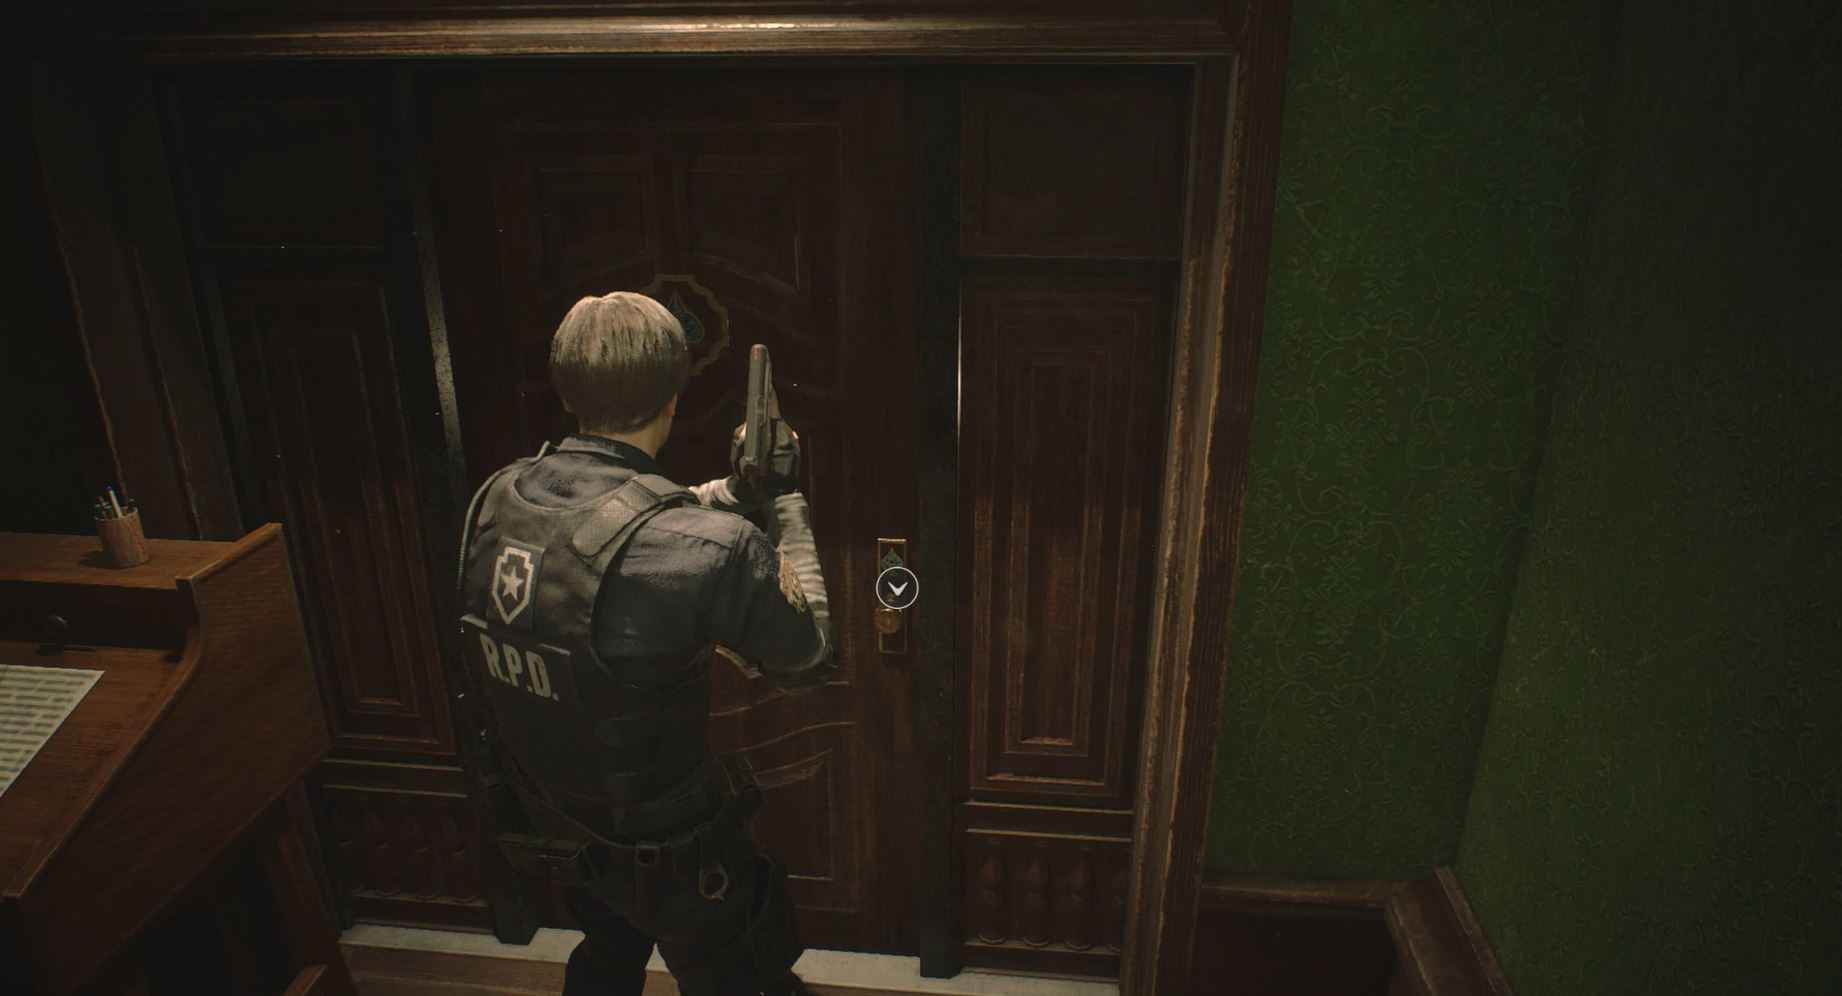 Resident evil 2 remake guide reddit | Resident Evil 2 Remake